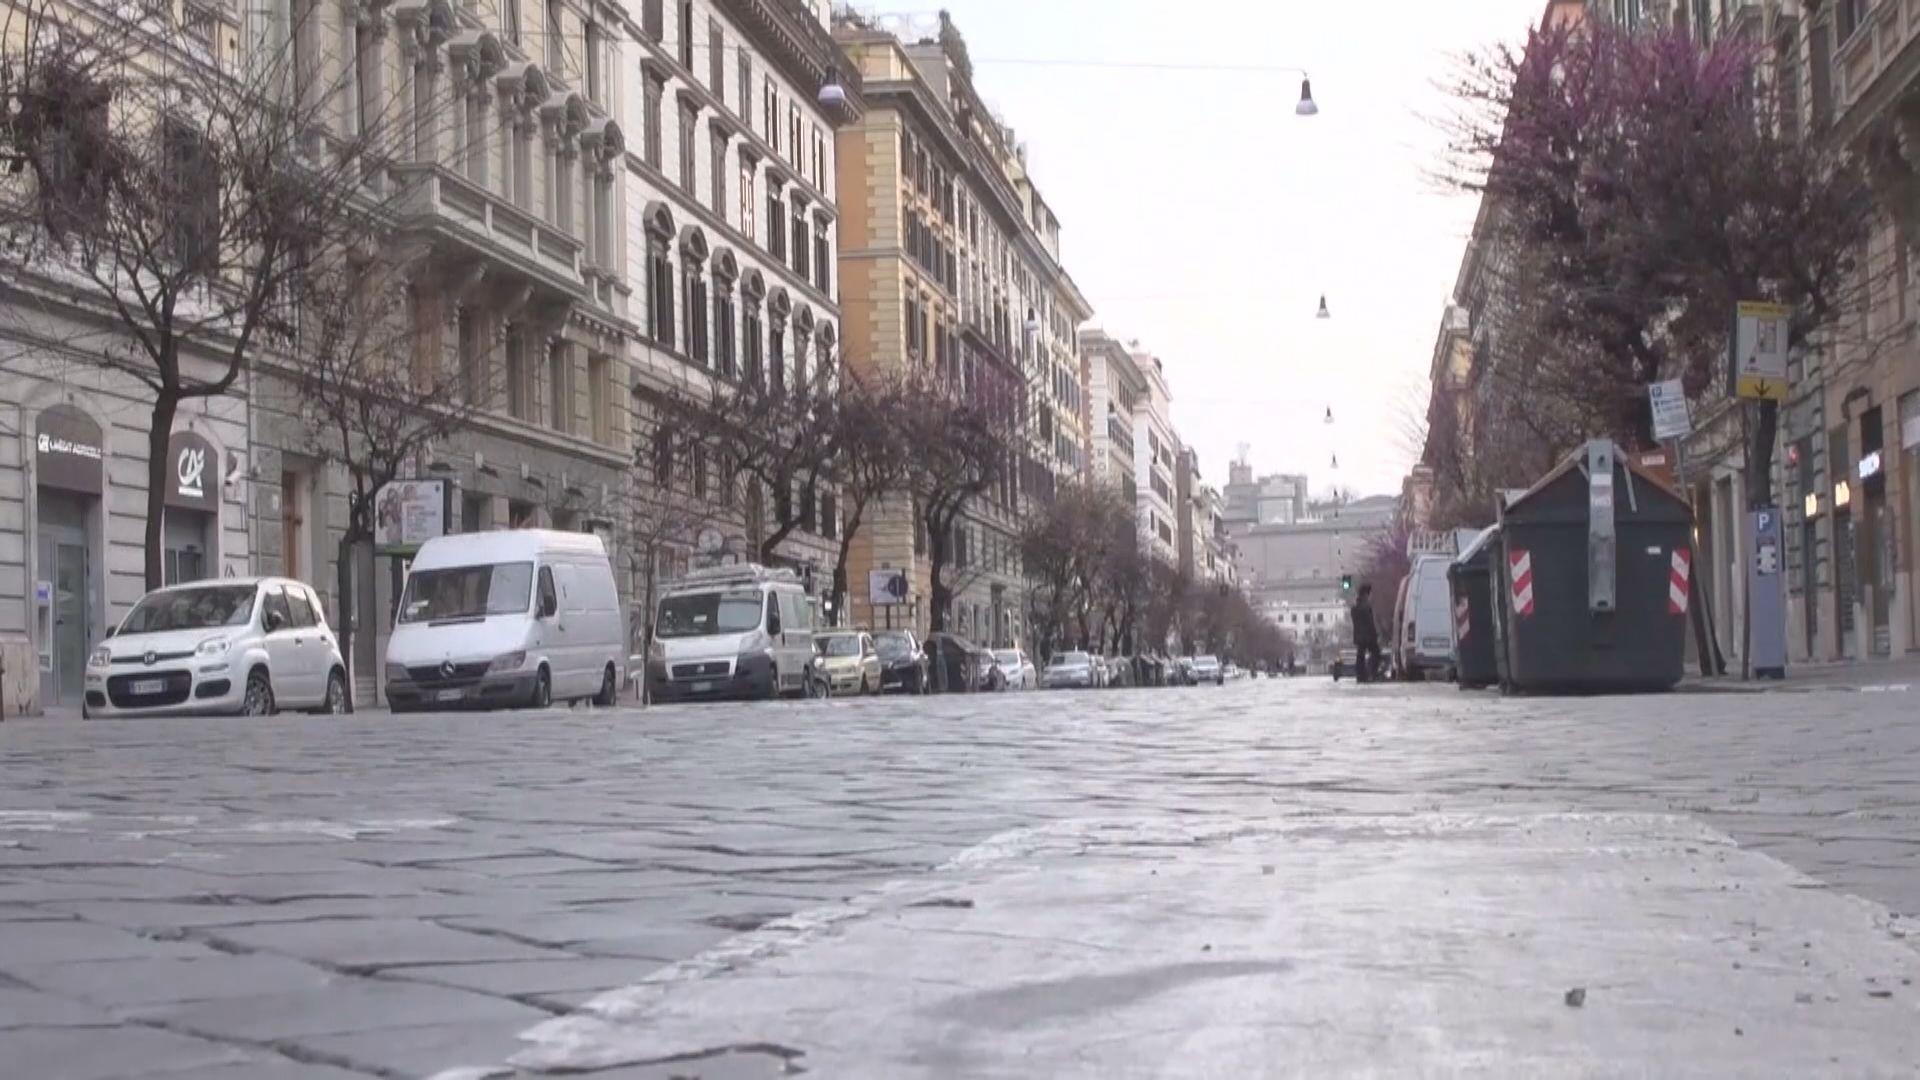 歐洲疫情趨平穩 多國有意延長封城措施免疫情反彈